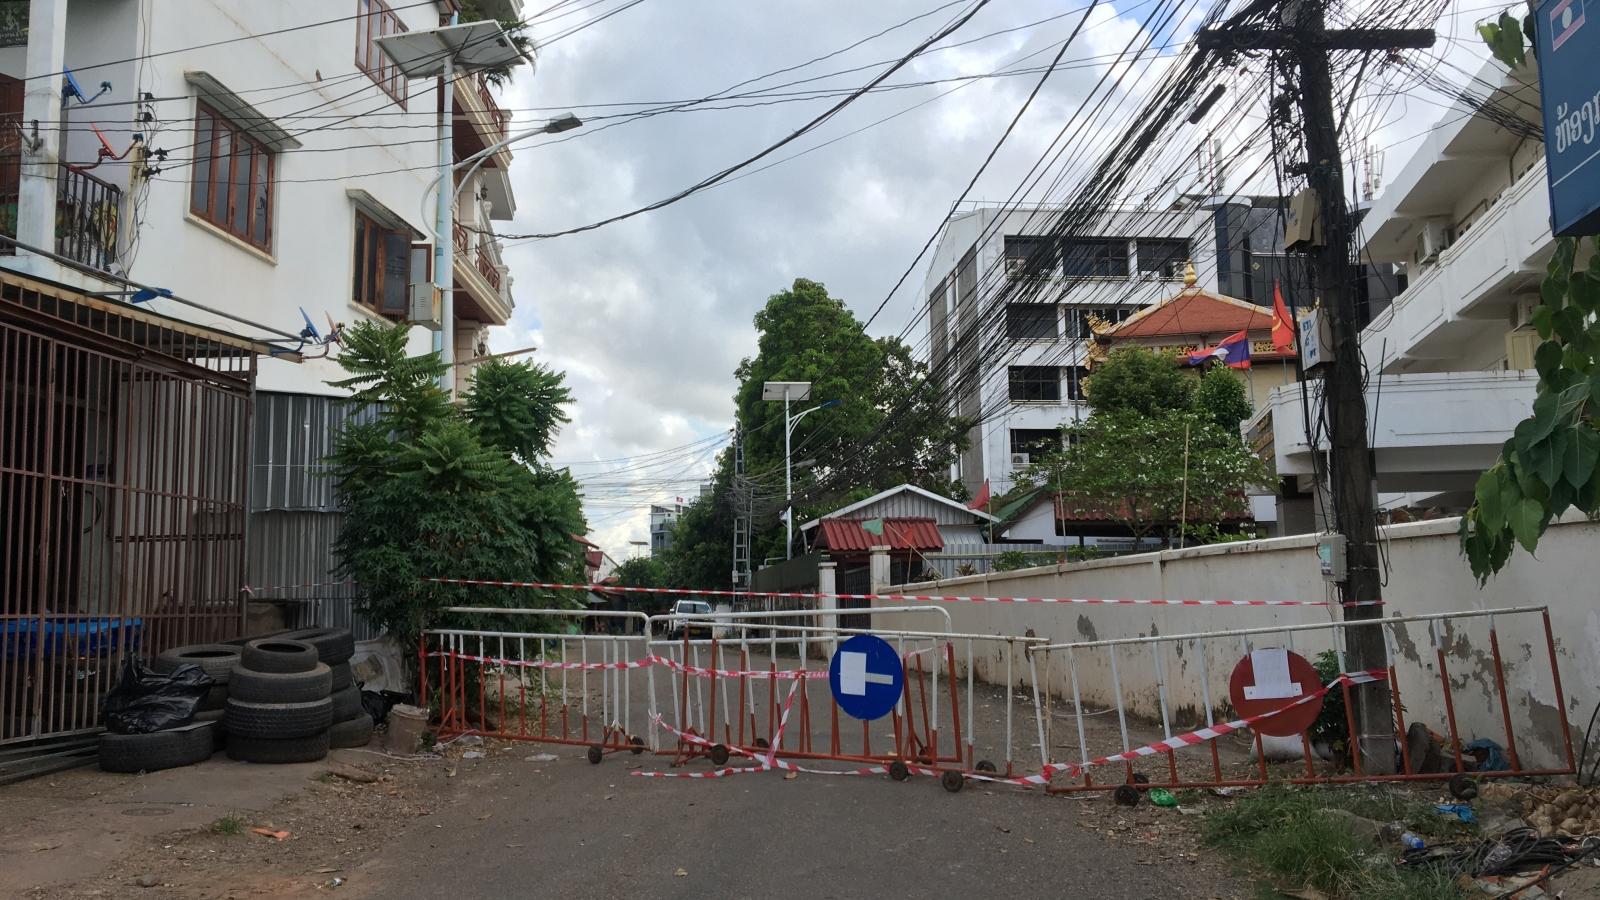 Lào ghi nhận thêm 1 trường hợp tử vong do Covid-19